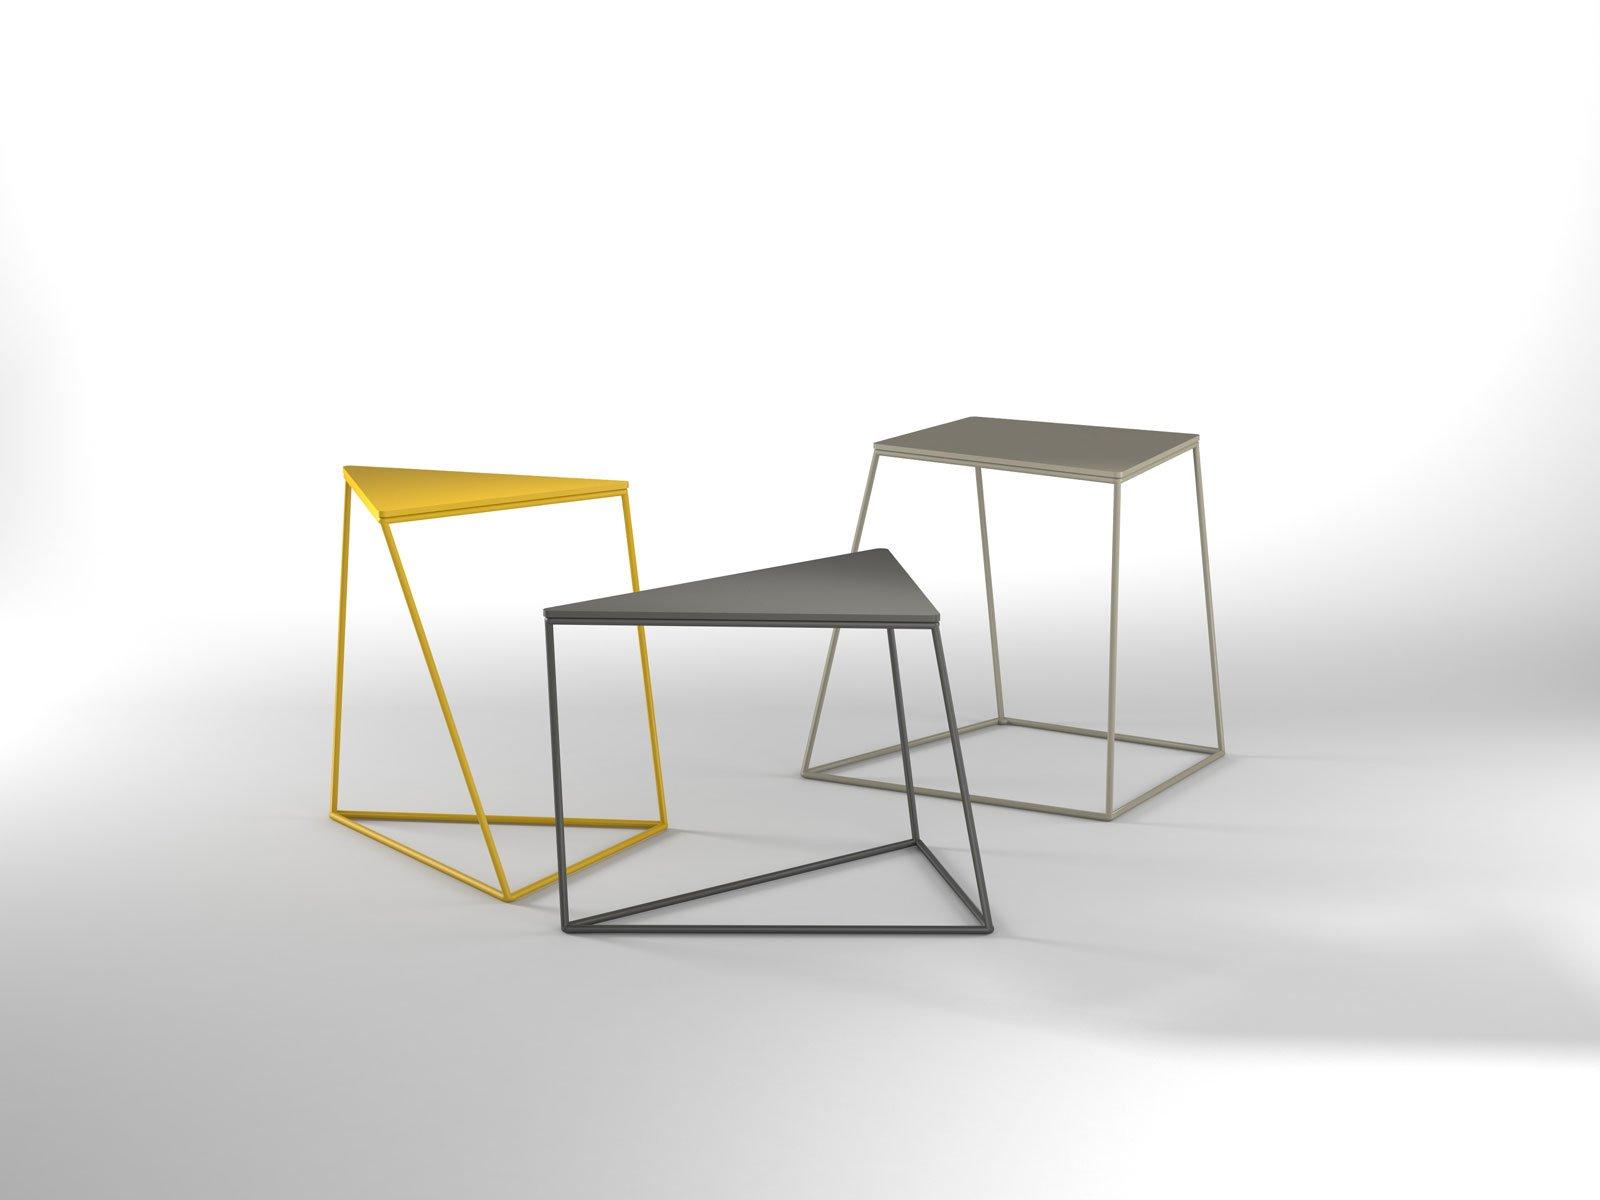 Design week i nuovi tavolini alla fiera di milano cose for Tavolini di design